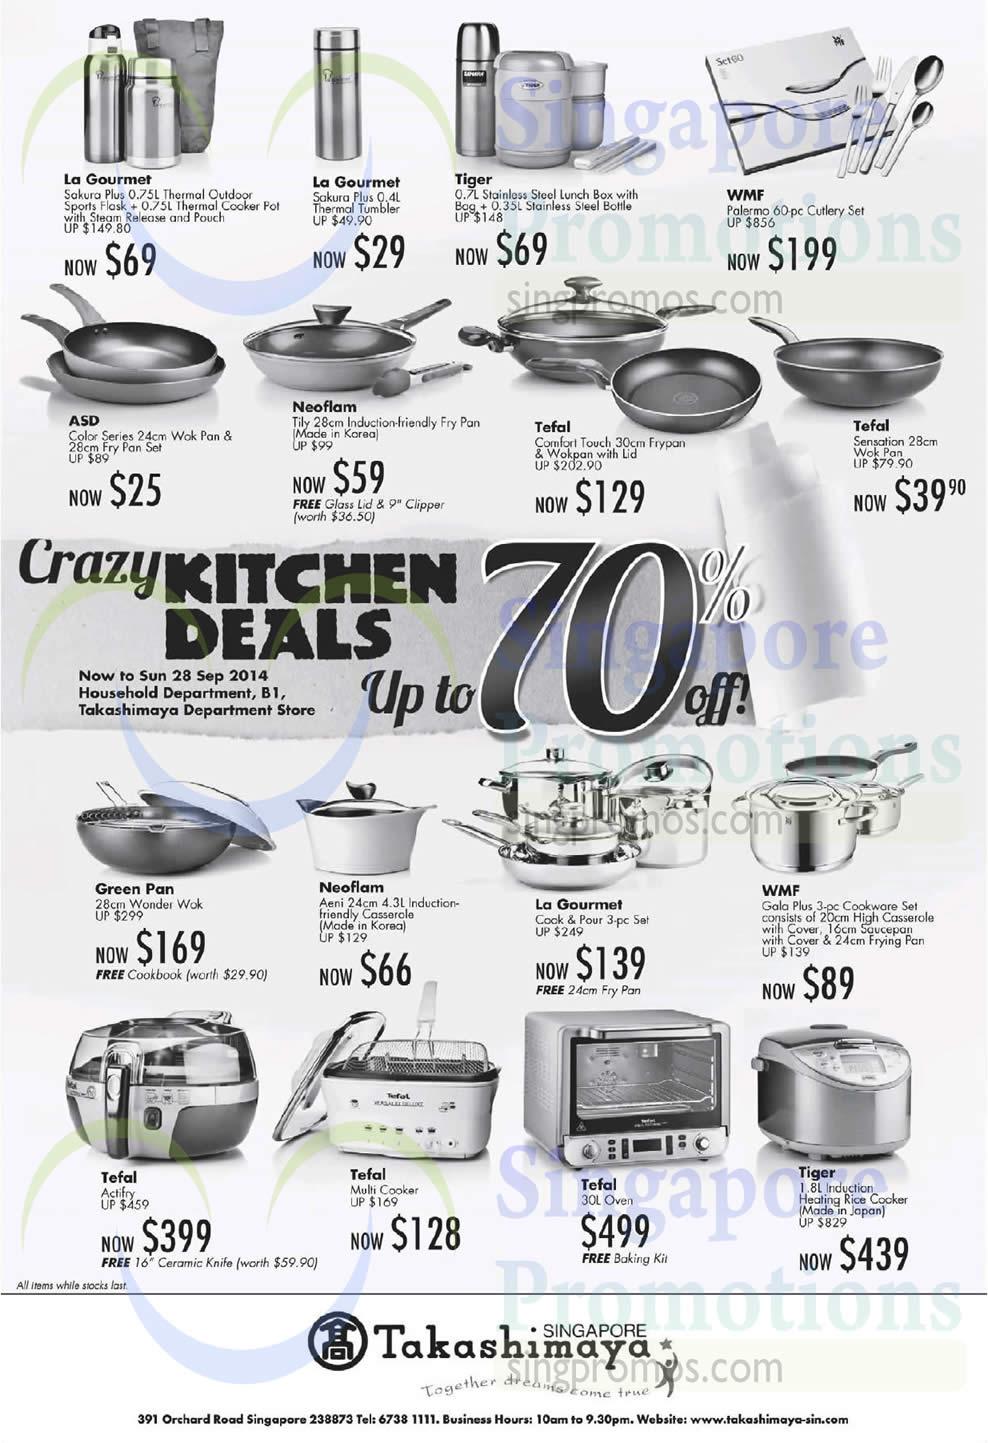 Takashimaya Crazy Kitchen Deals 12 – 28 Sep 2014